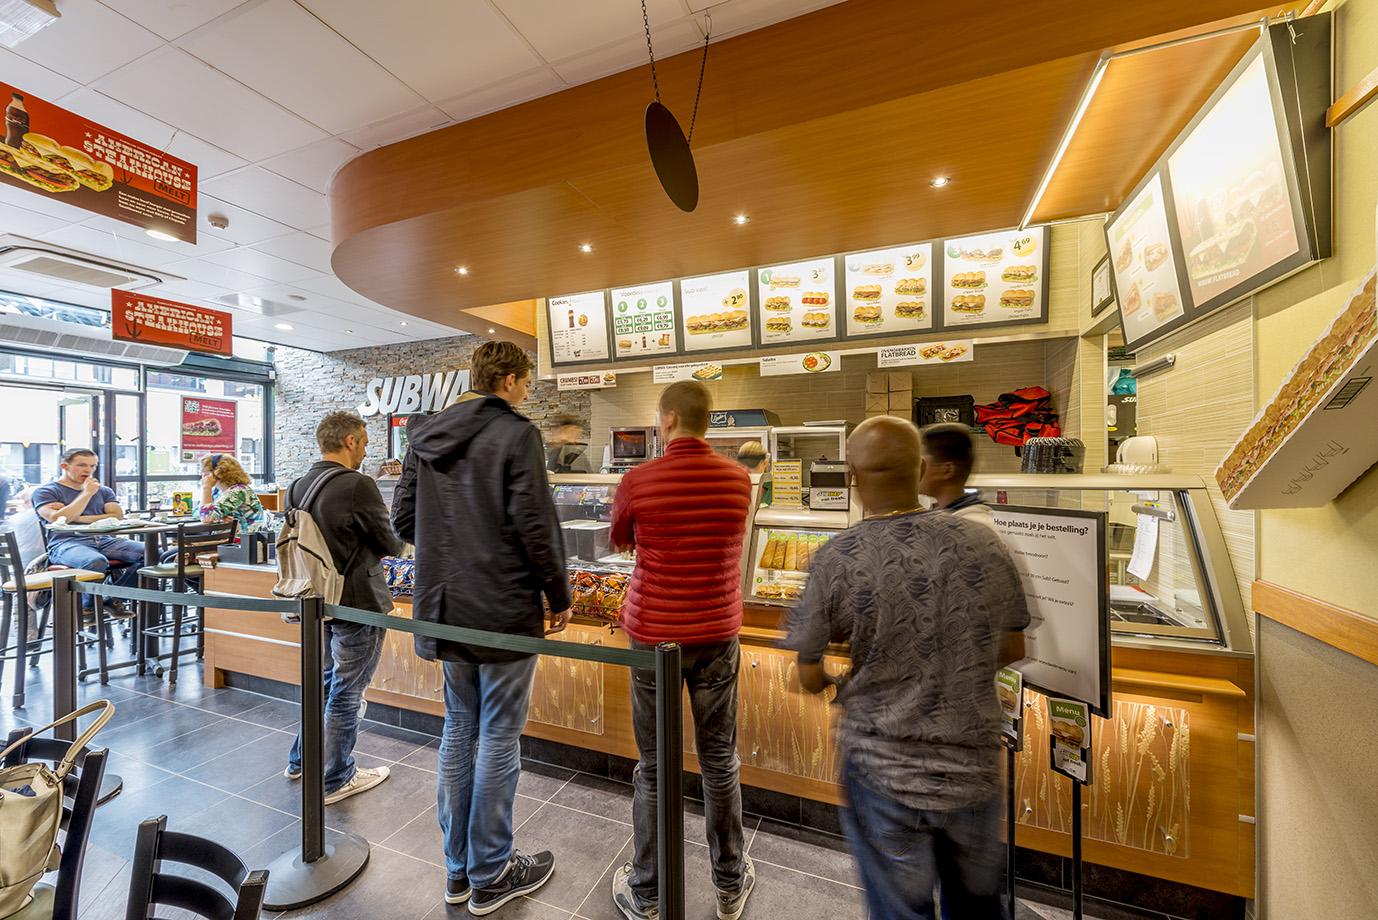 SUBWAY® is altijd op zoek naar nieuwe franchisenemers en goede locaties, in alle Nederlandse provincies. Bron: FranchiseFormules.NL